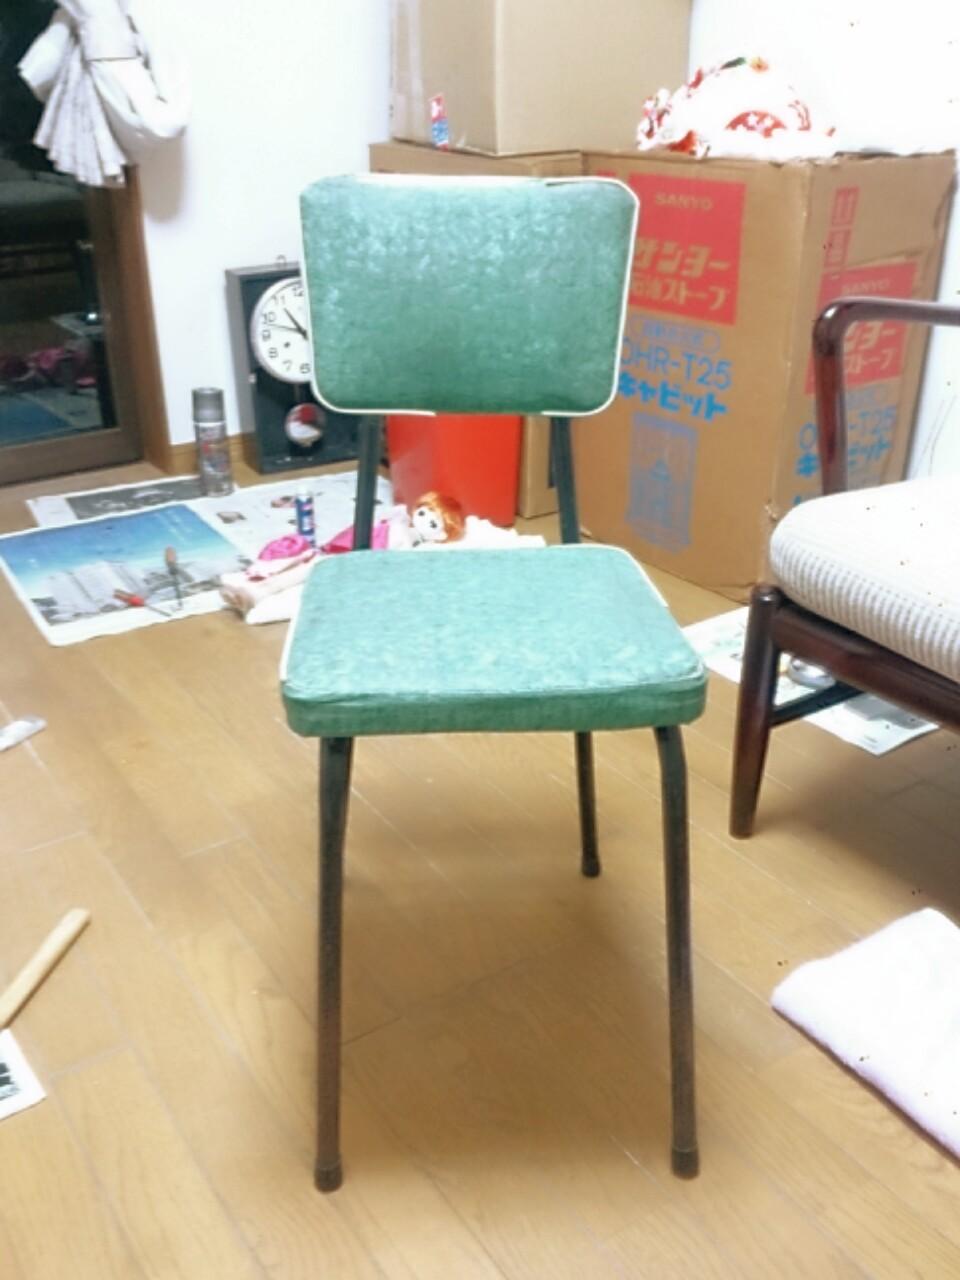 ふるい椅子がありました